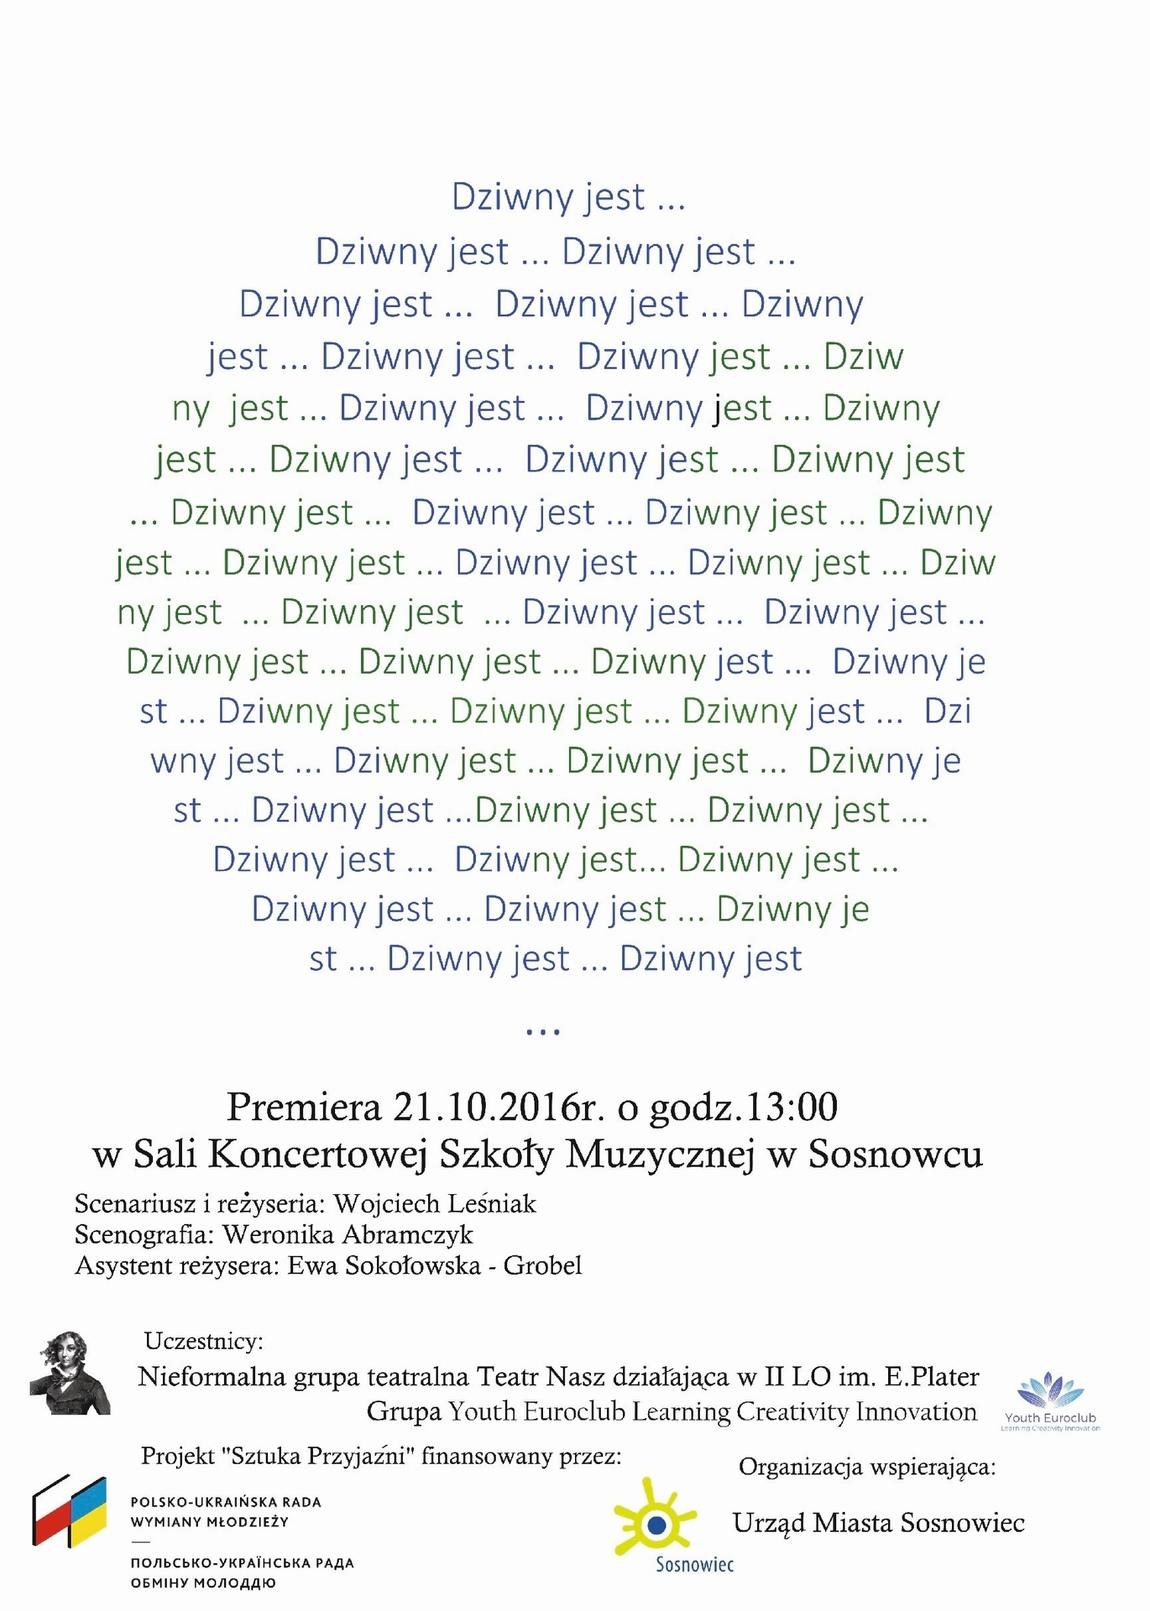 """Weronika Abramczyk - Poster """"Dziwny jest ..."""""""